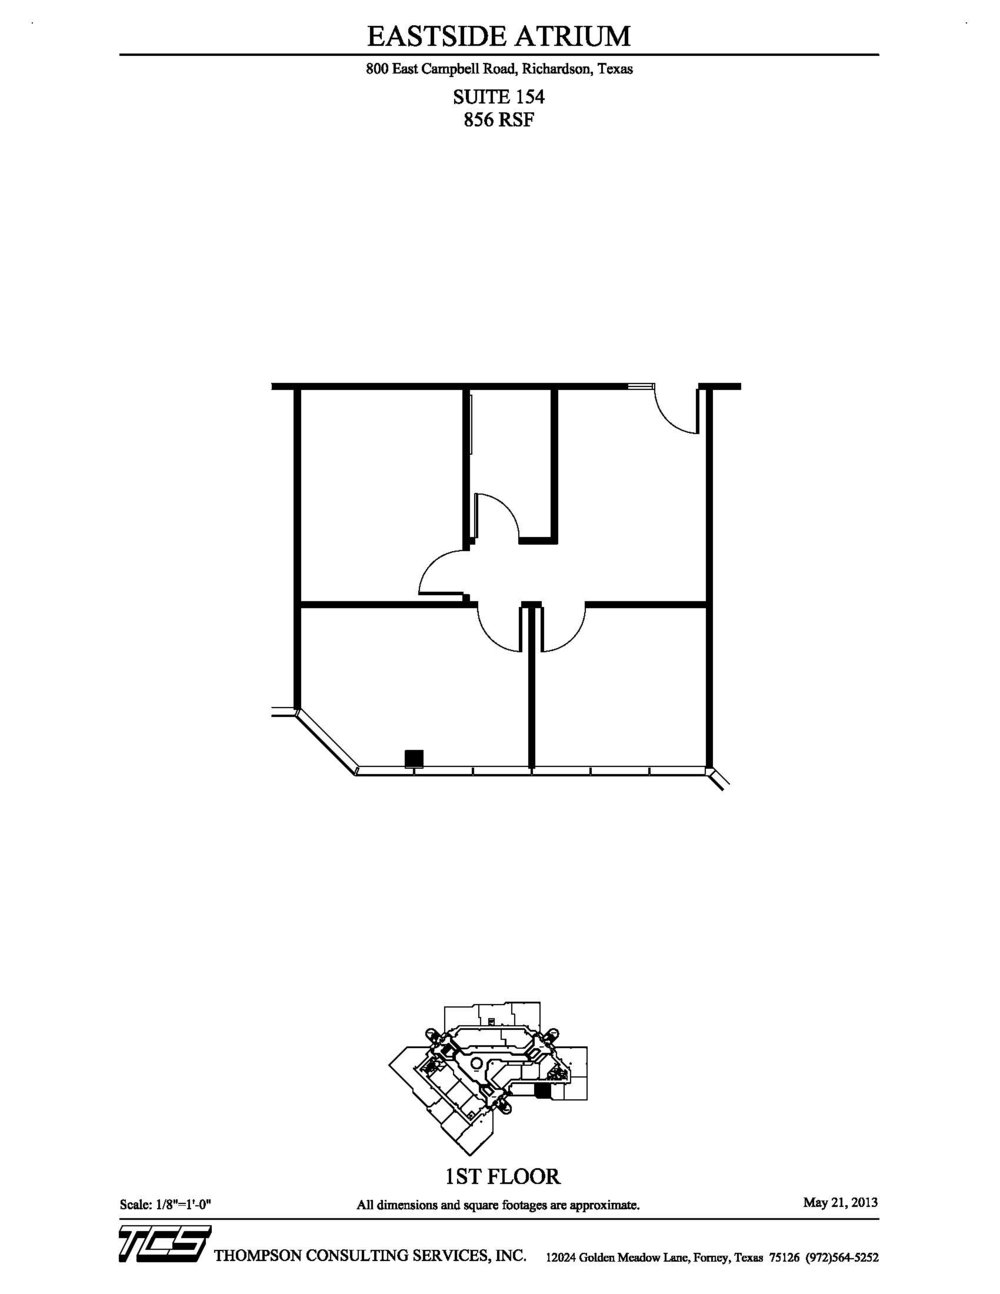 Eastside Atrium - Suite 154 - As-built.jpg